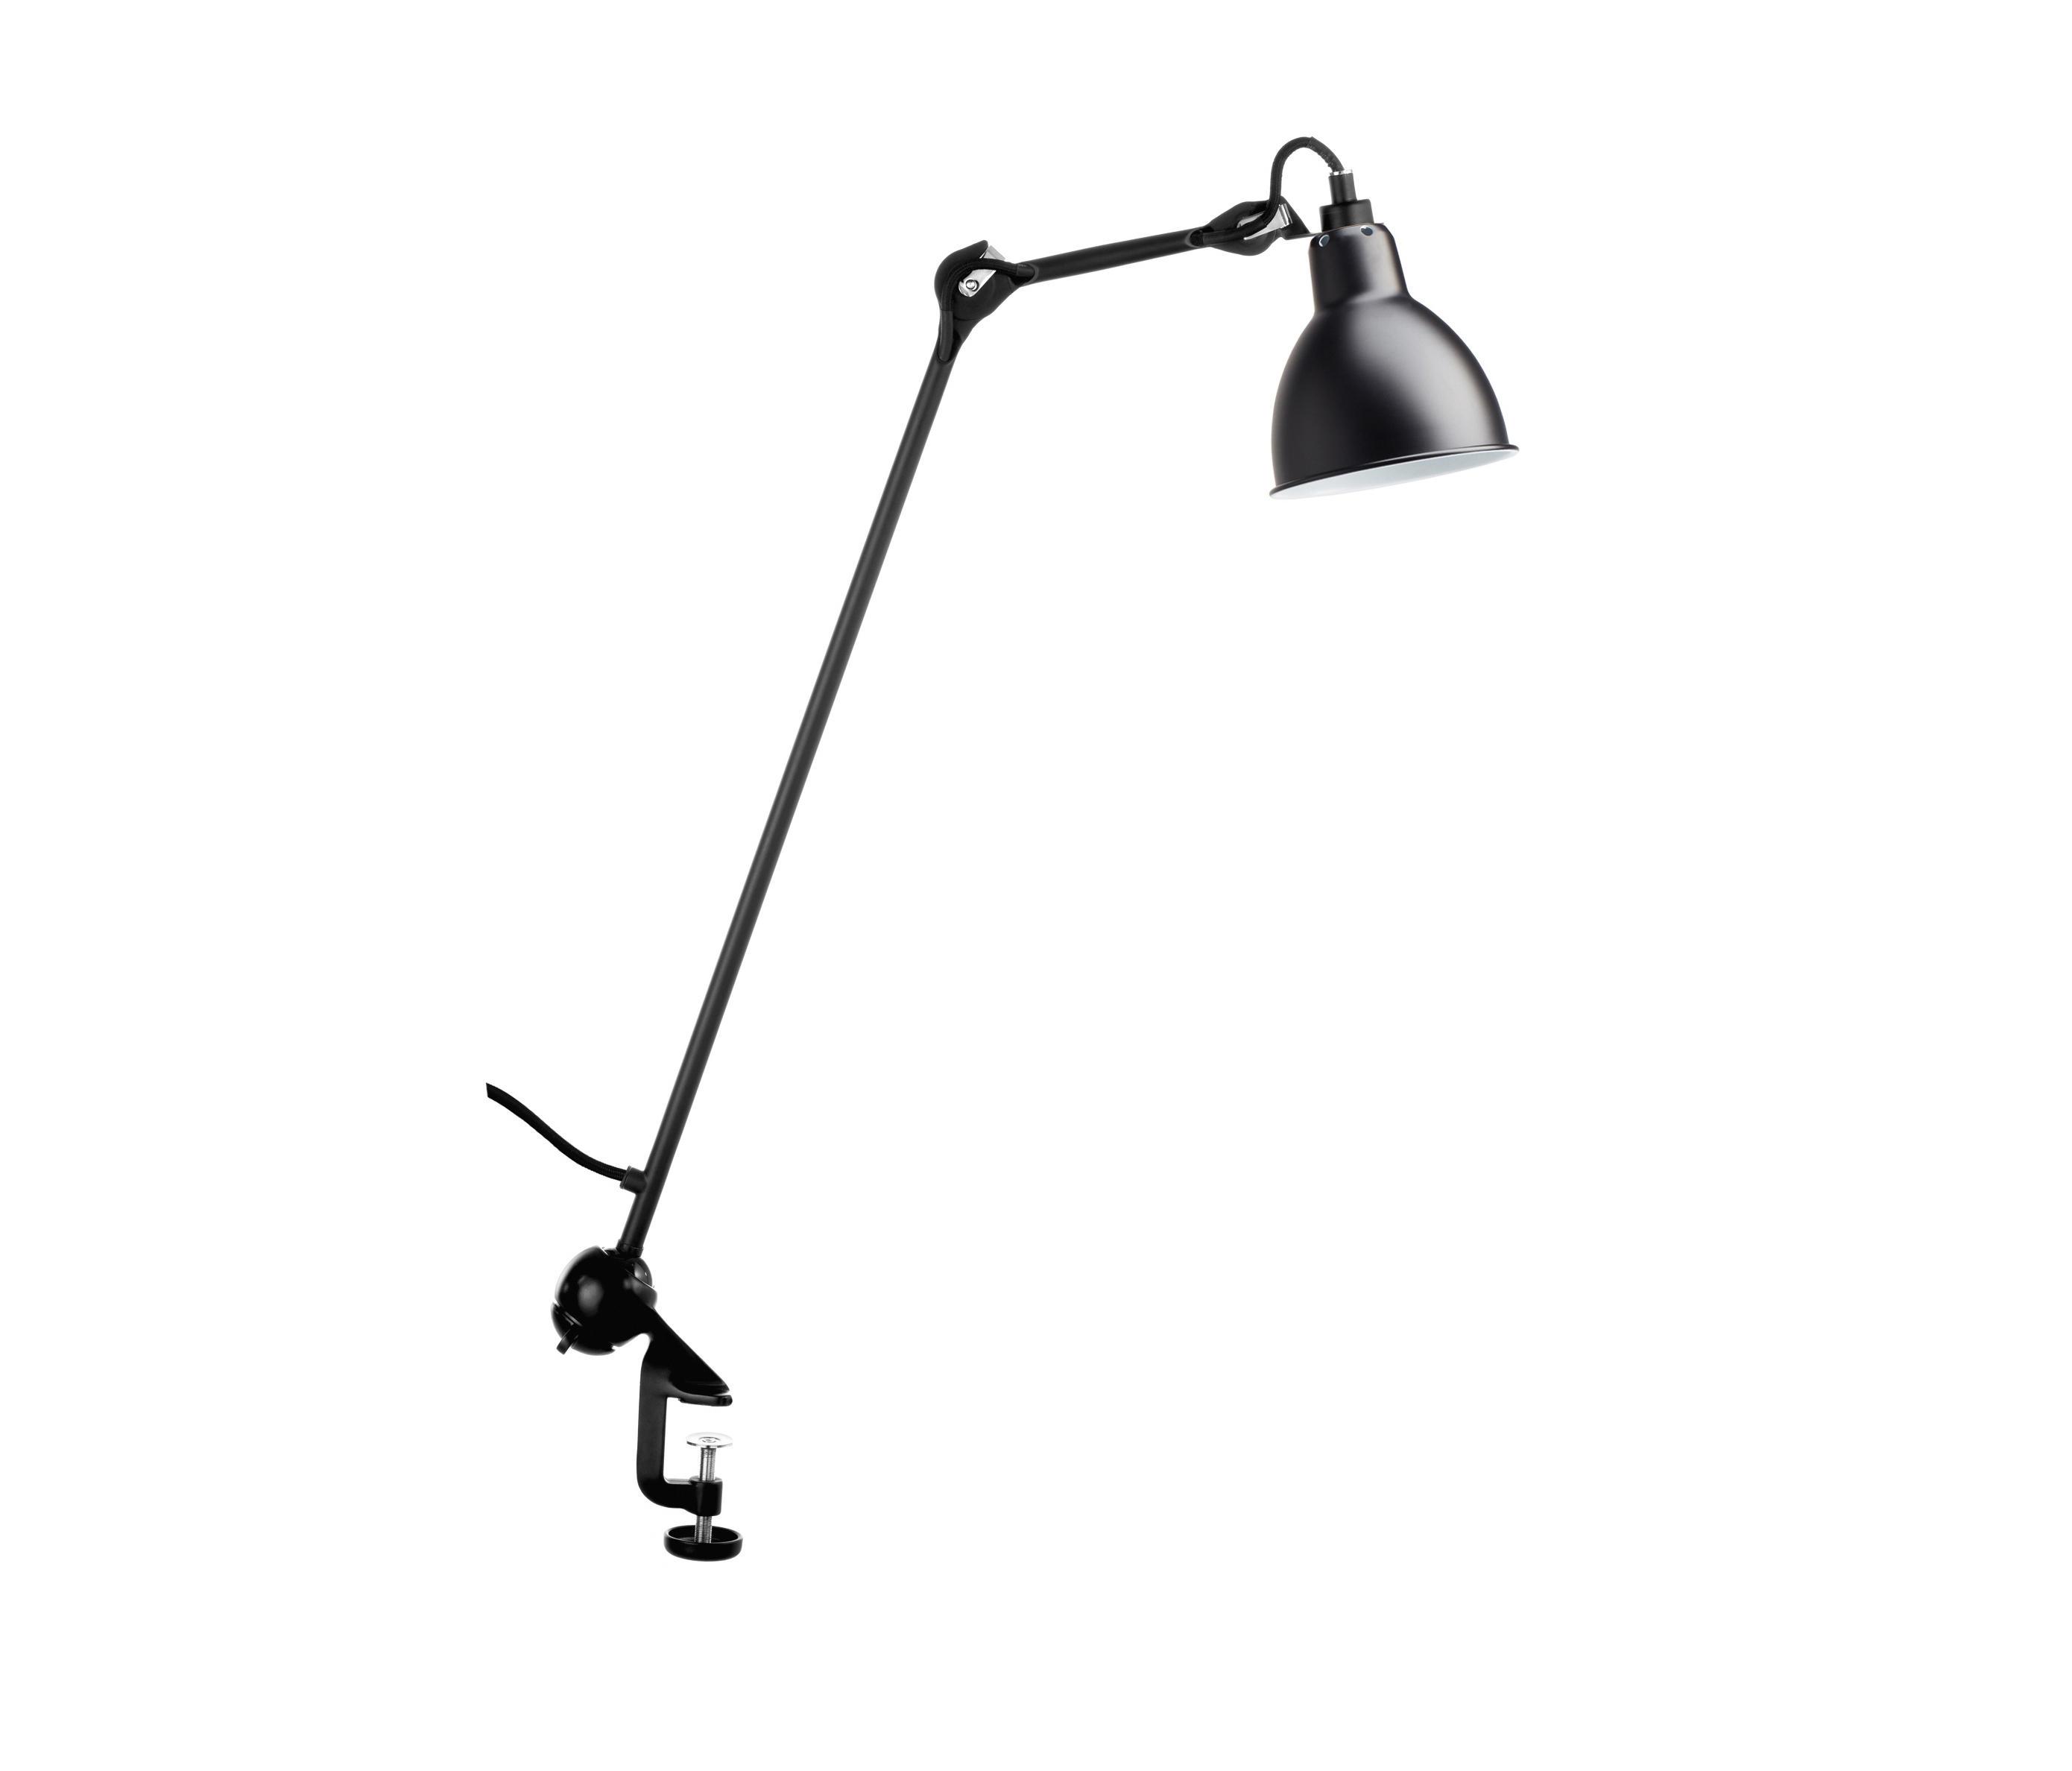 lampe-gras-n201-bl-sat-round-15-b Spannende Lampen Frankfurt Am Main Dekorationen